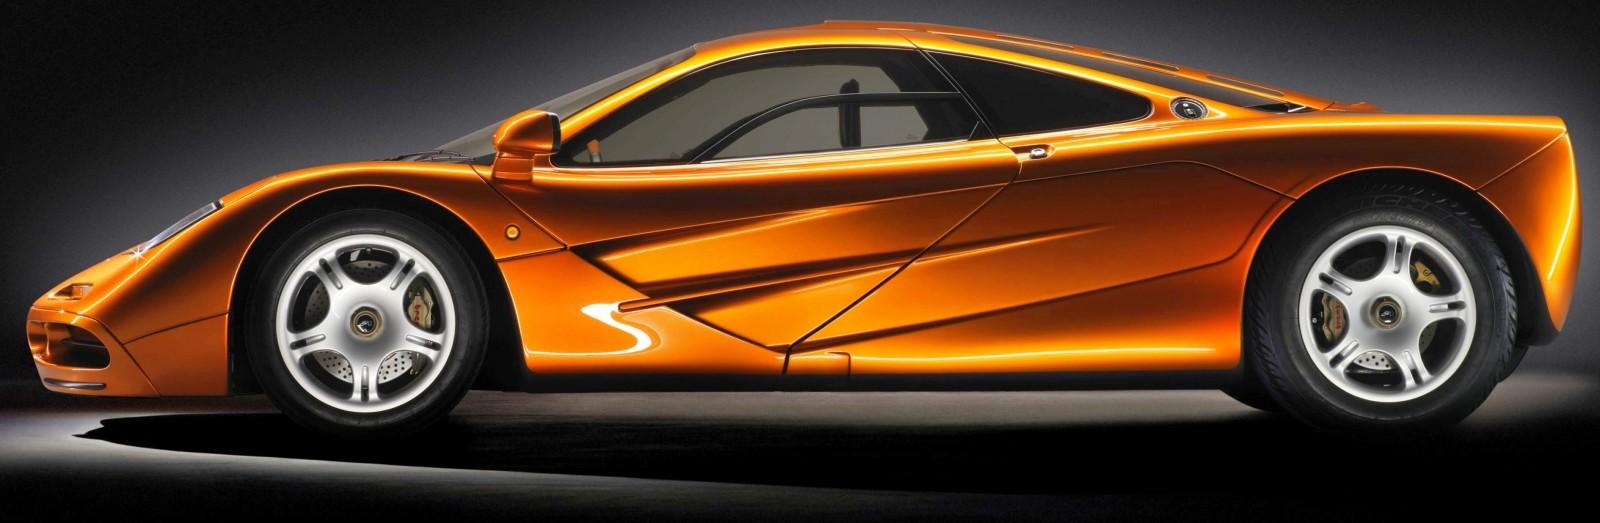 CarRevsDaily - Supercar Legends - McLaren F1 Wallpaper 38